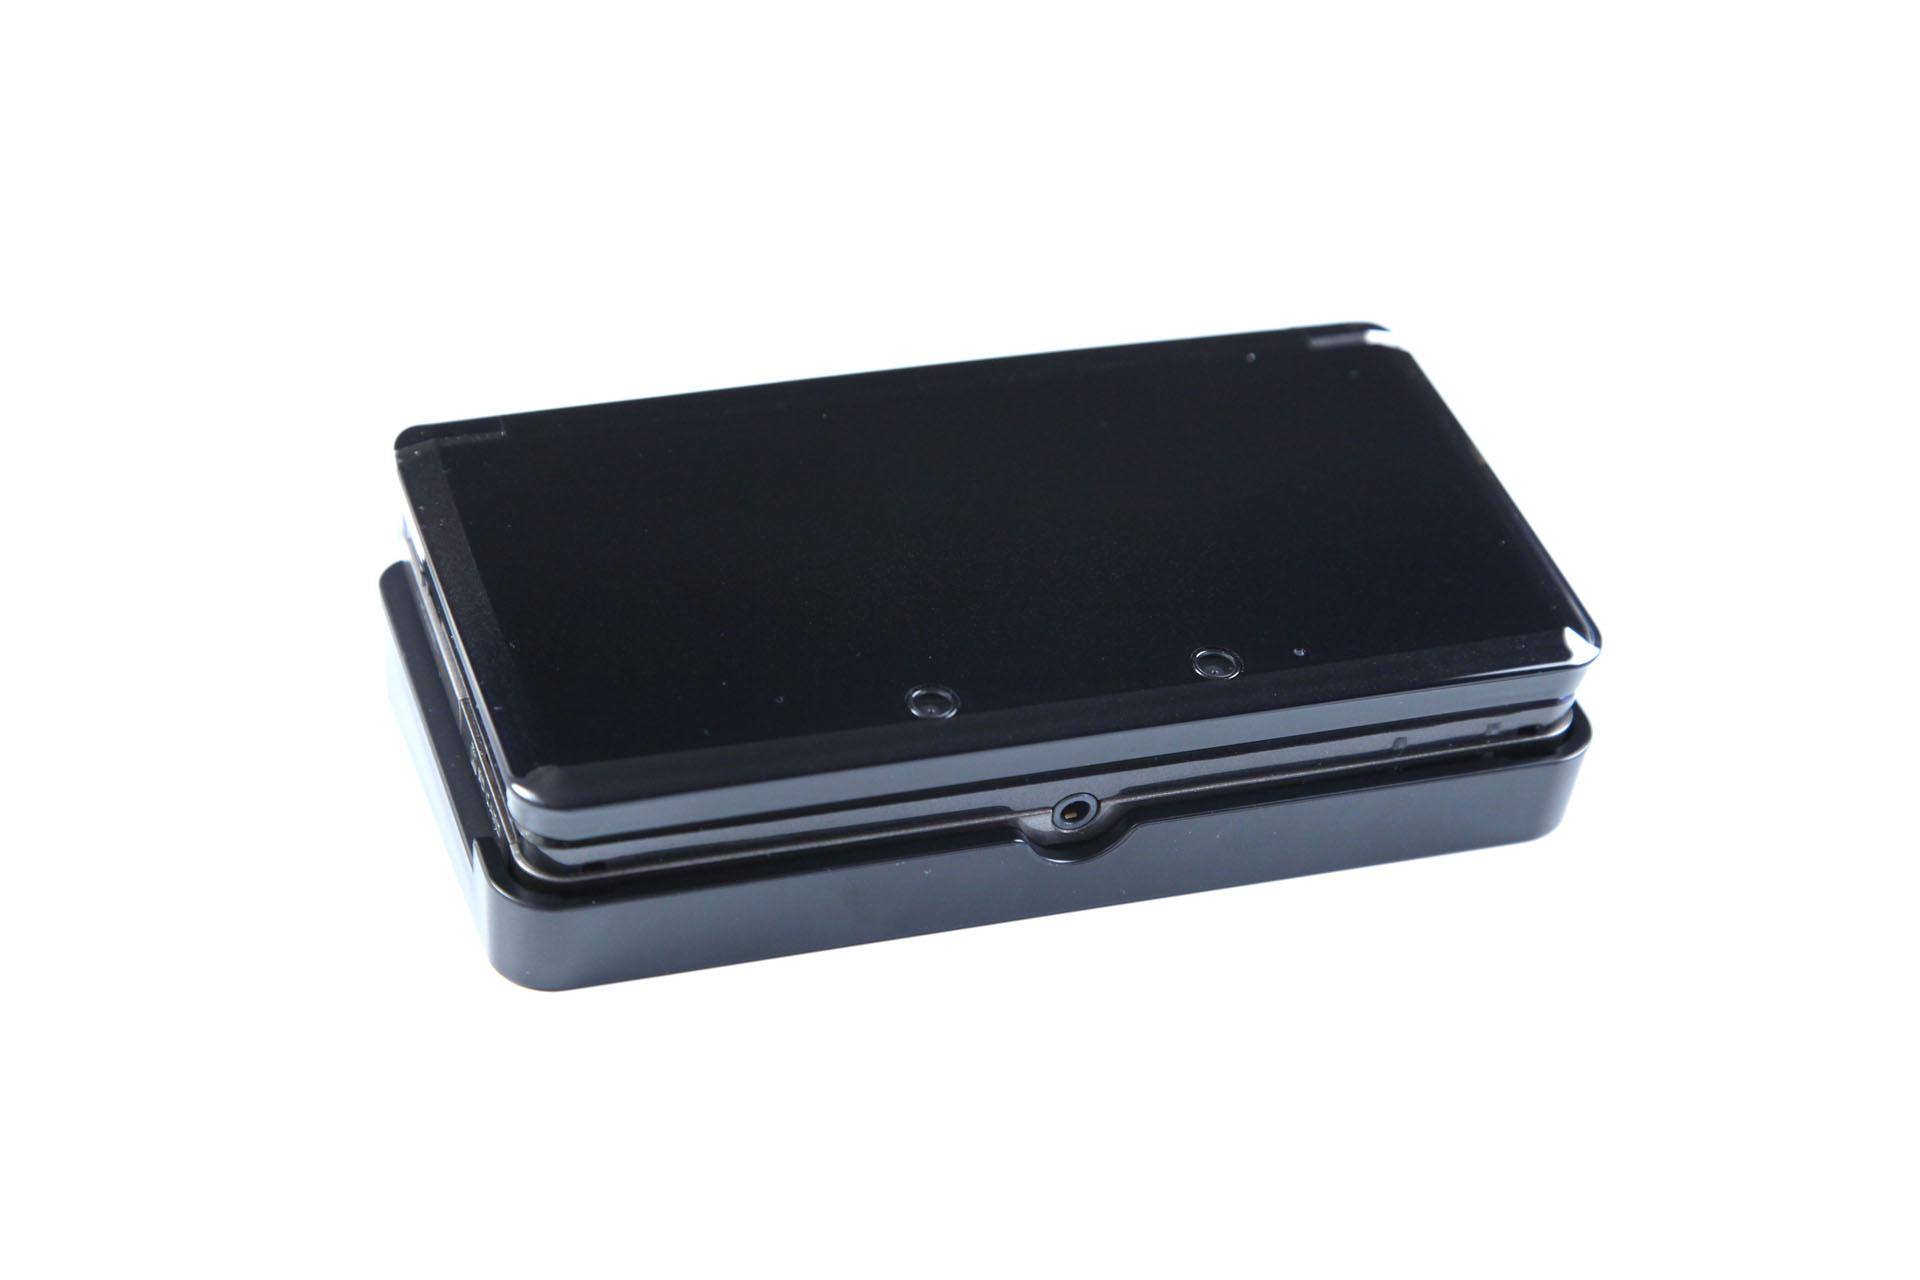 3DS: Nintendos Neuer im Importtest - Der 3DS sitzt etwas wackelig in der Docking-Station. (Foto: mw)